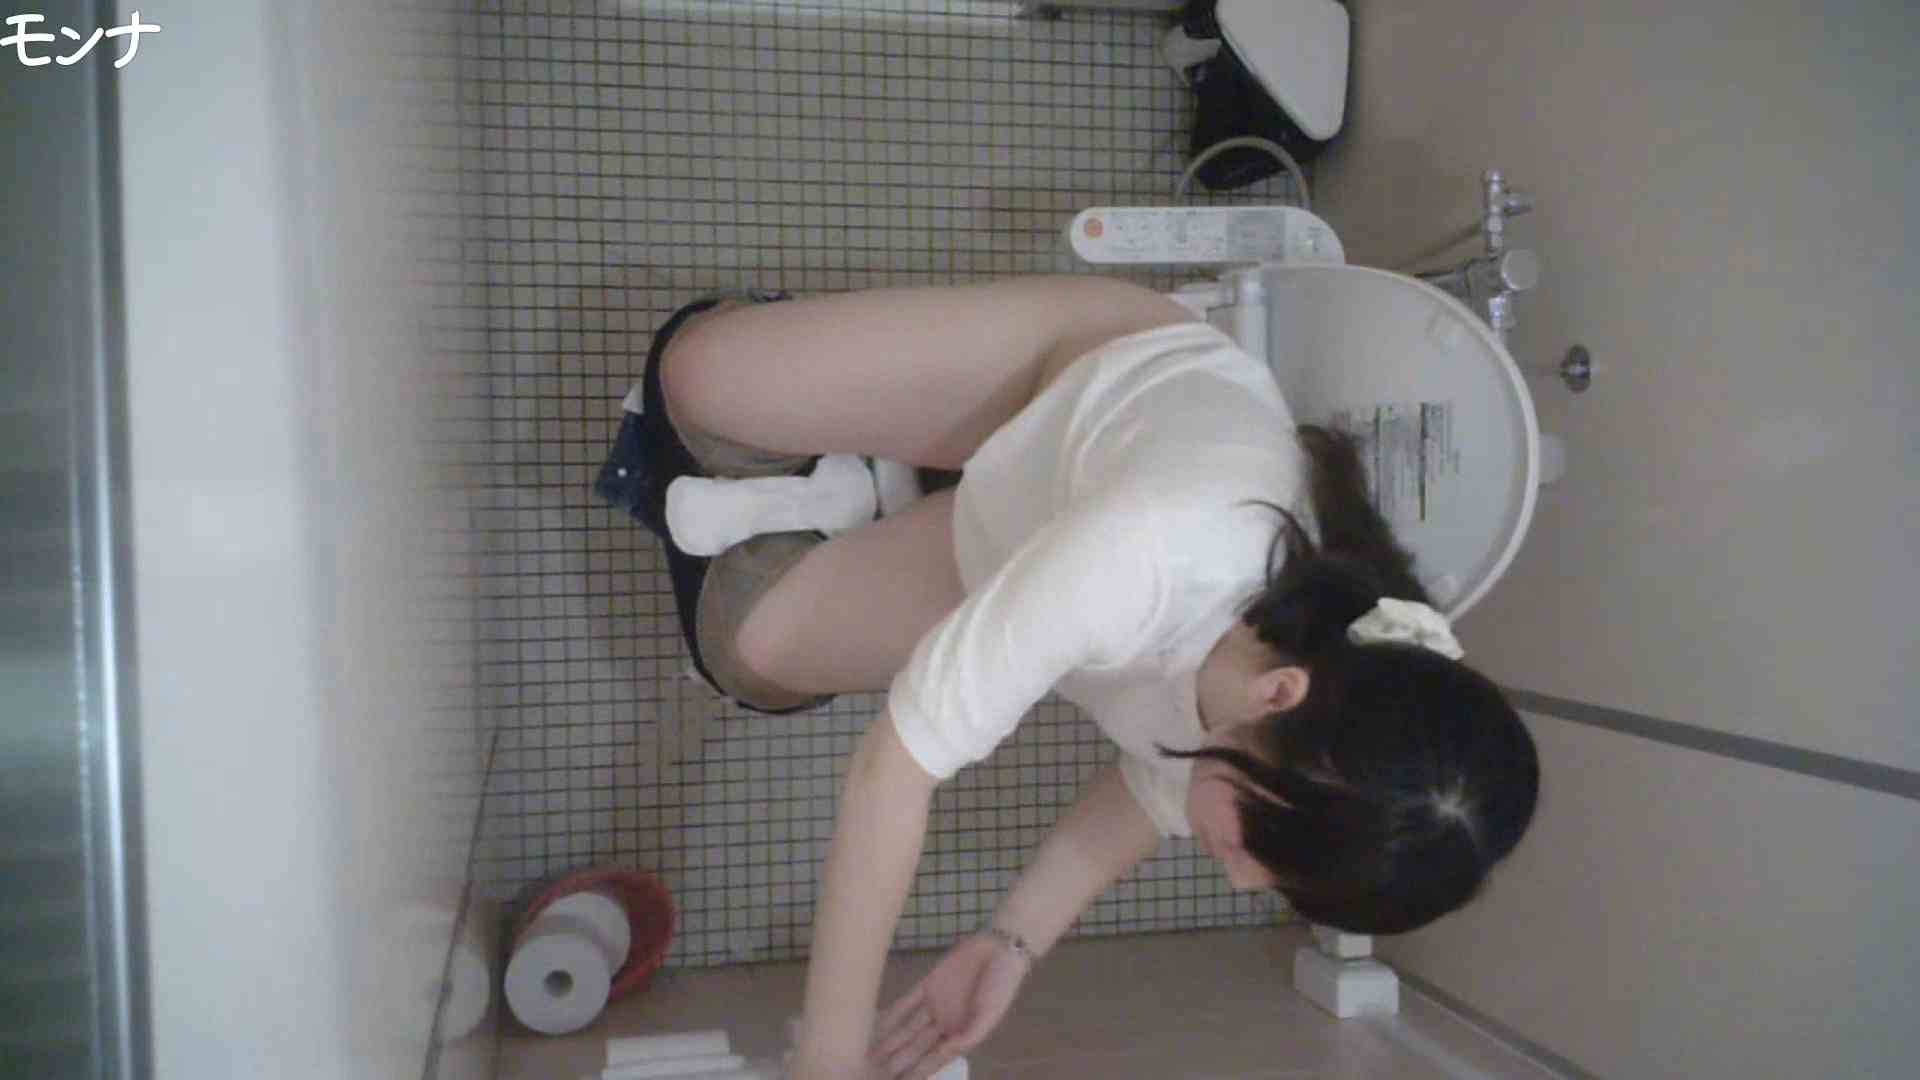 有名大学女性洗面所 vol.65 秘技!!マルチアングル天井撮り!! 丸見え  76PIX 2